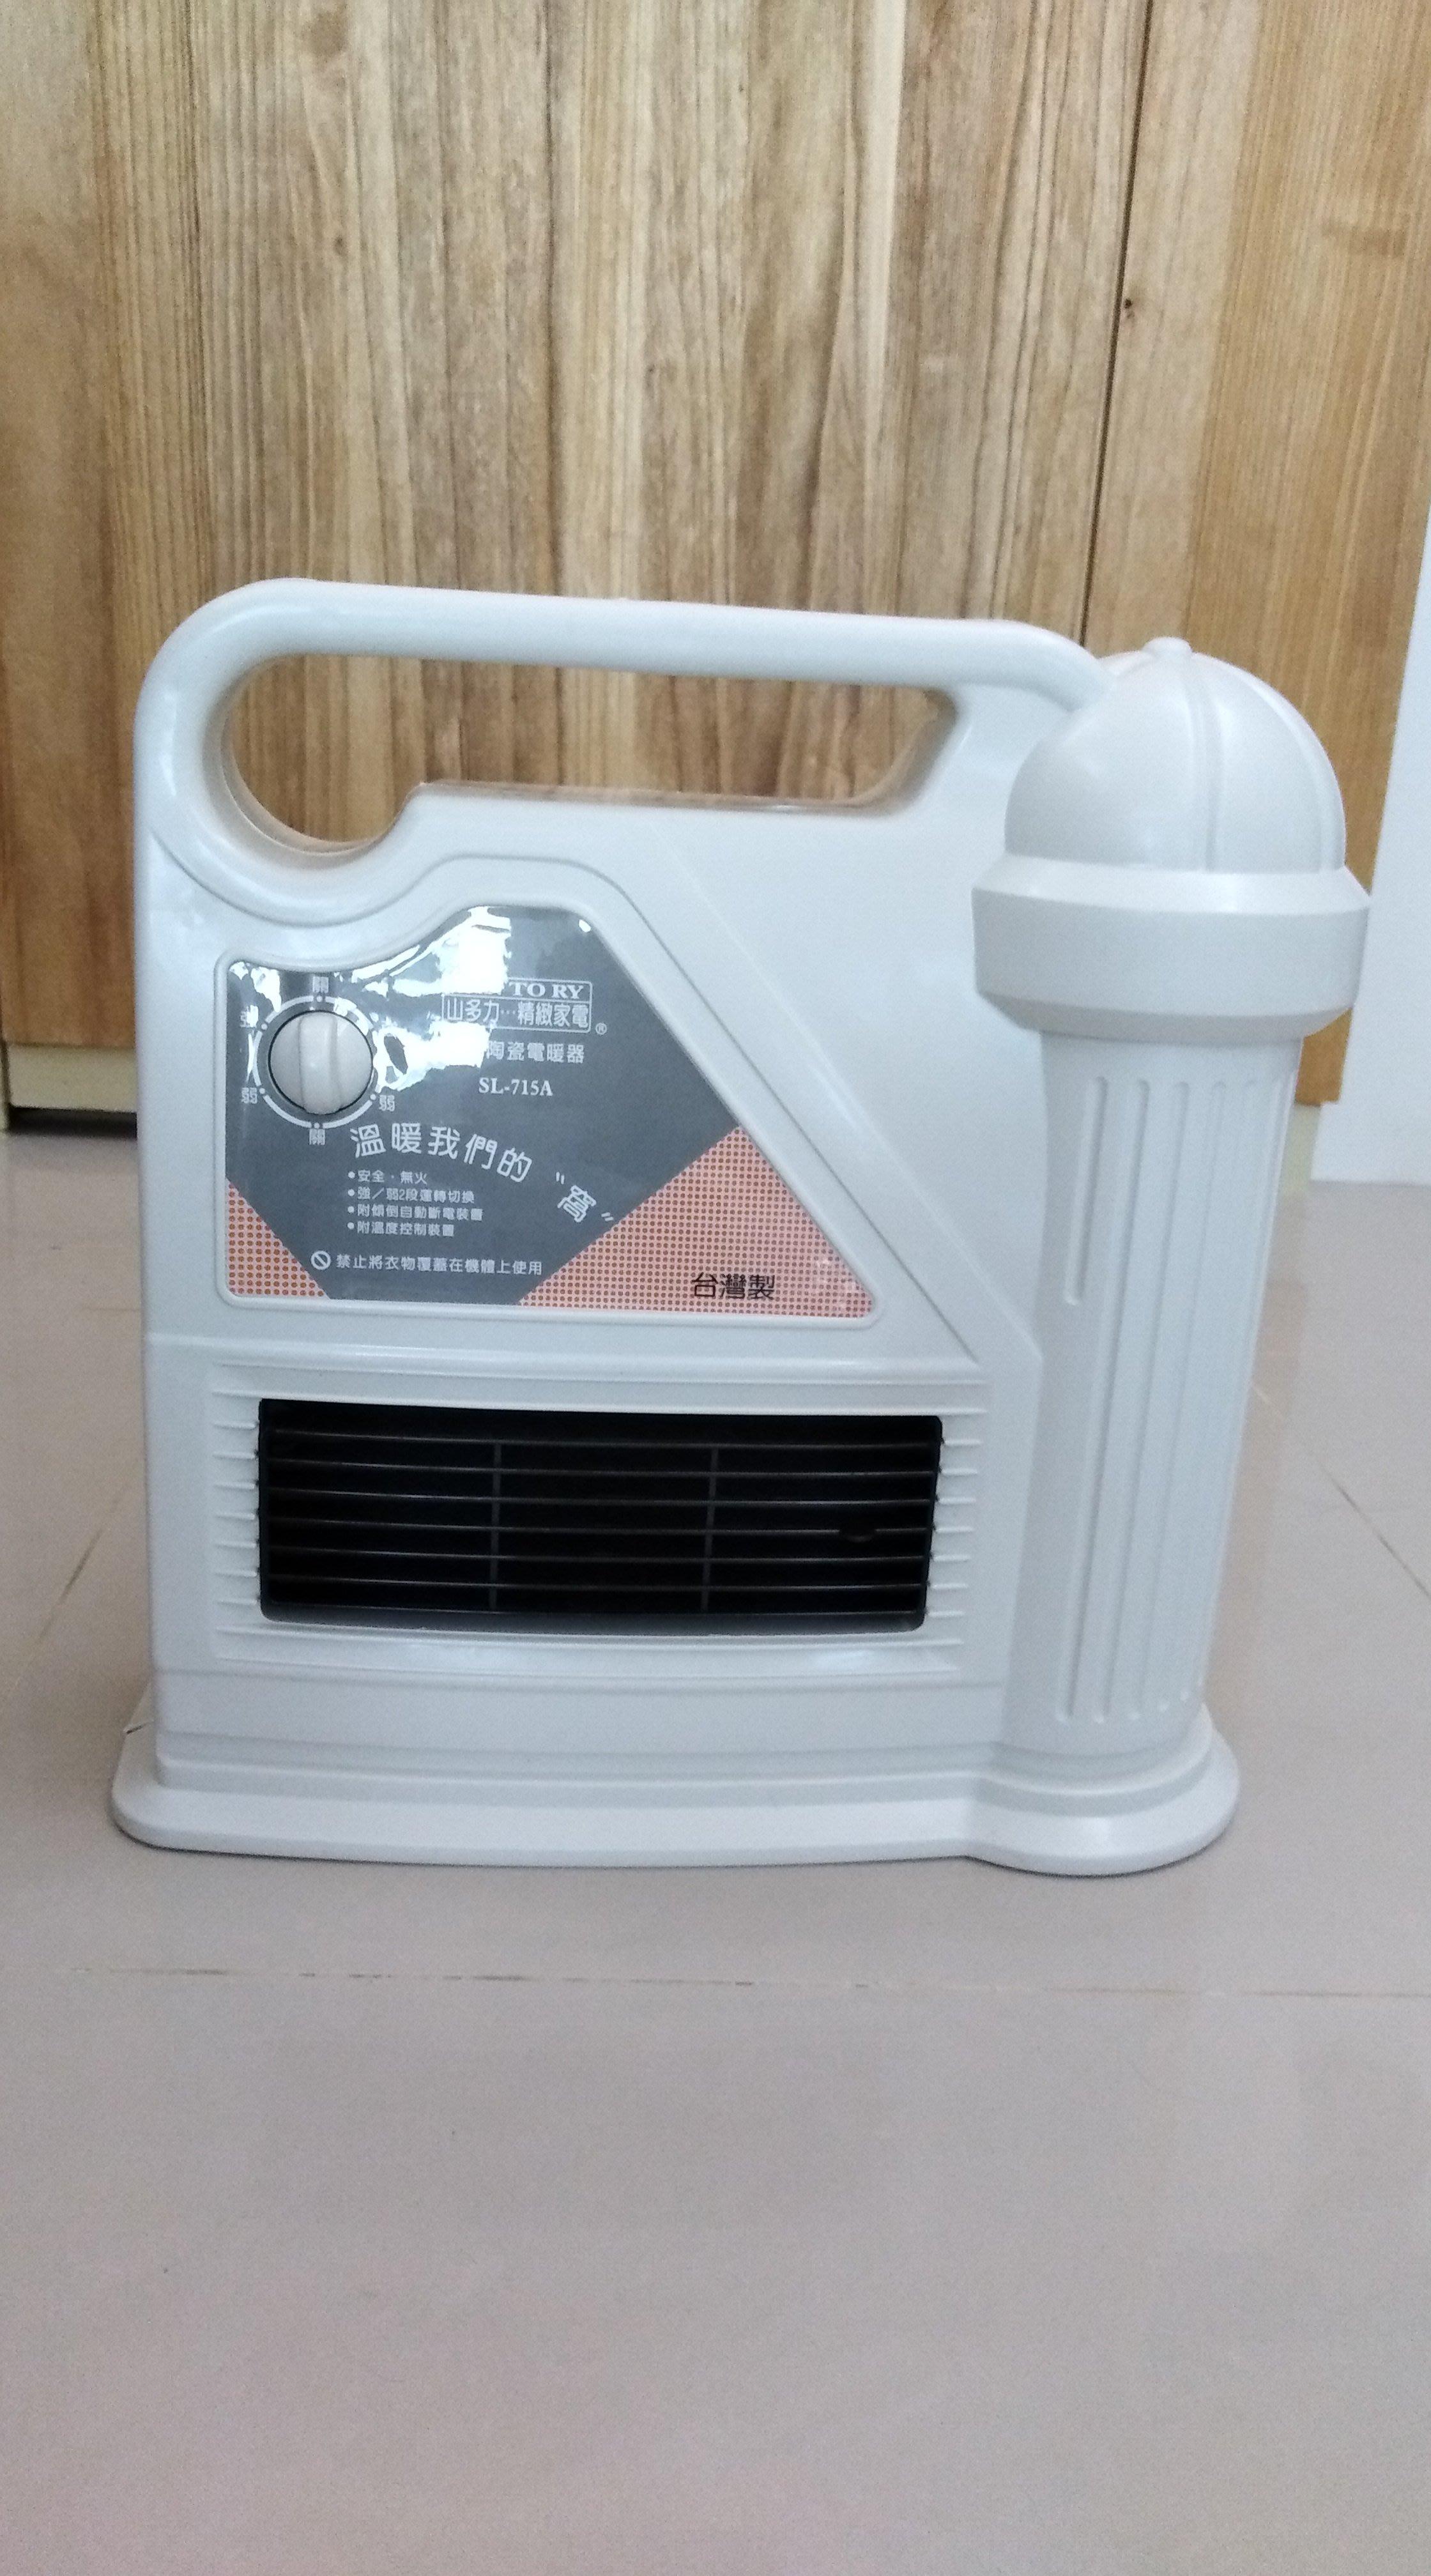 二手 山多力陶瓷電暖器SL-715A